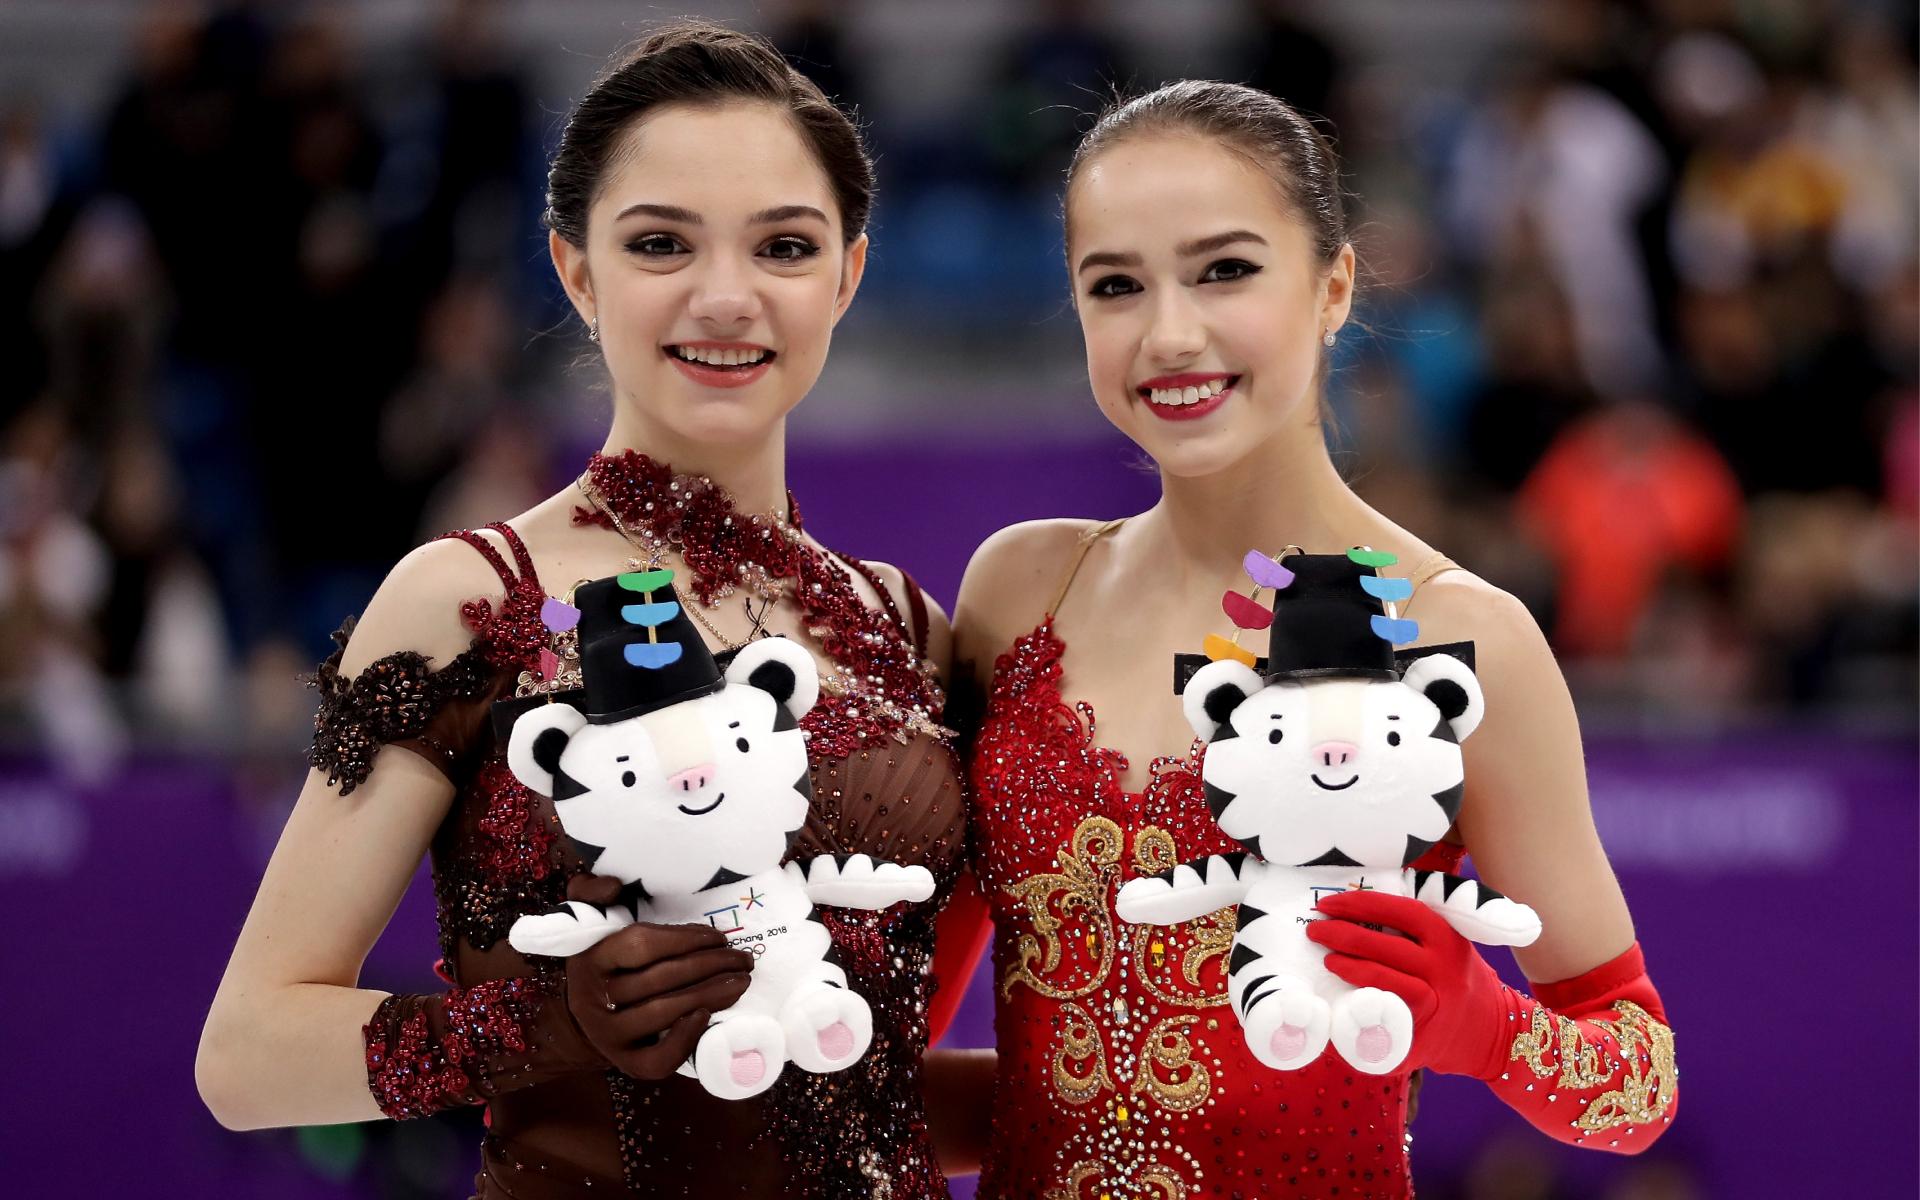 Фото: Евгения Медведева и Алина Загитова (Richard Heathcote/Getty Images)